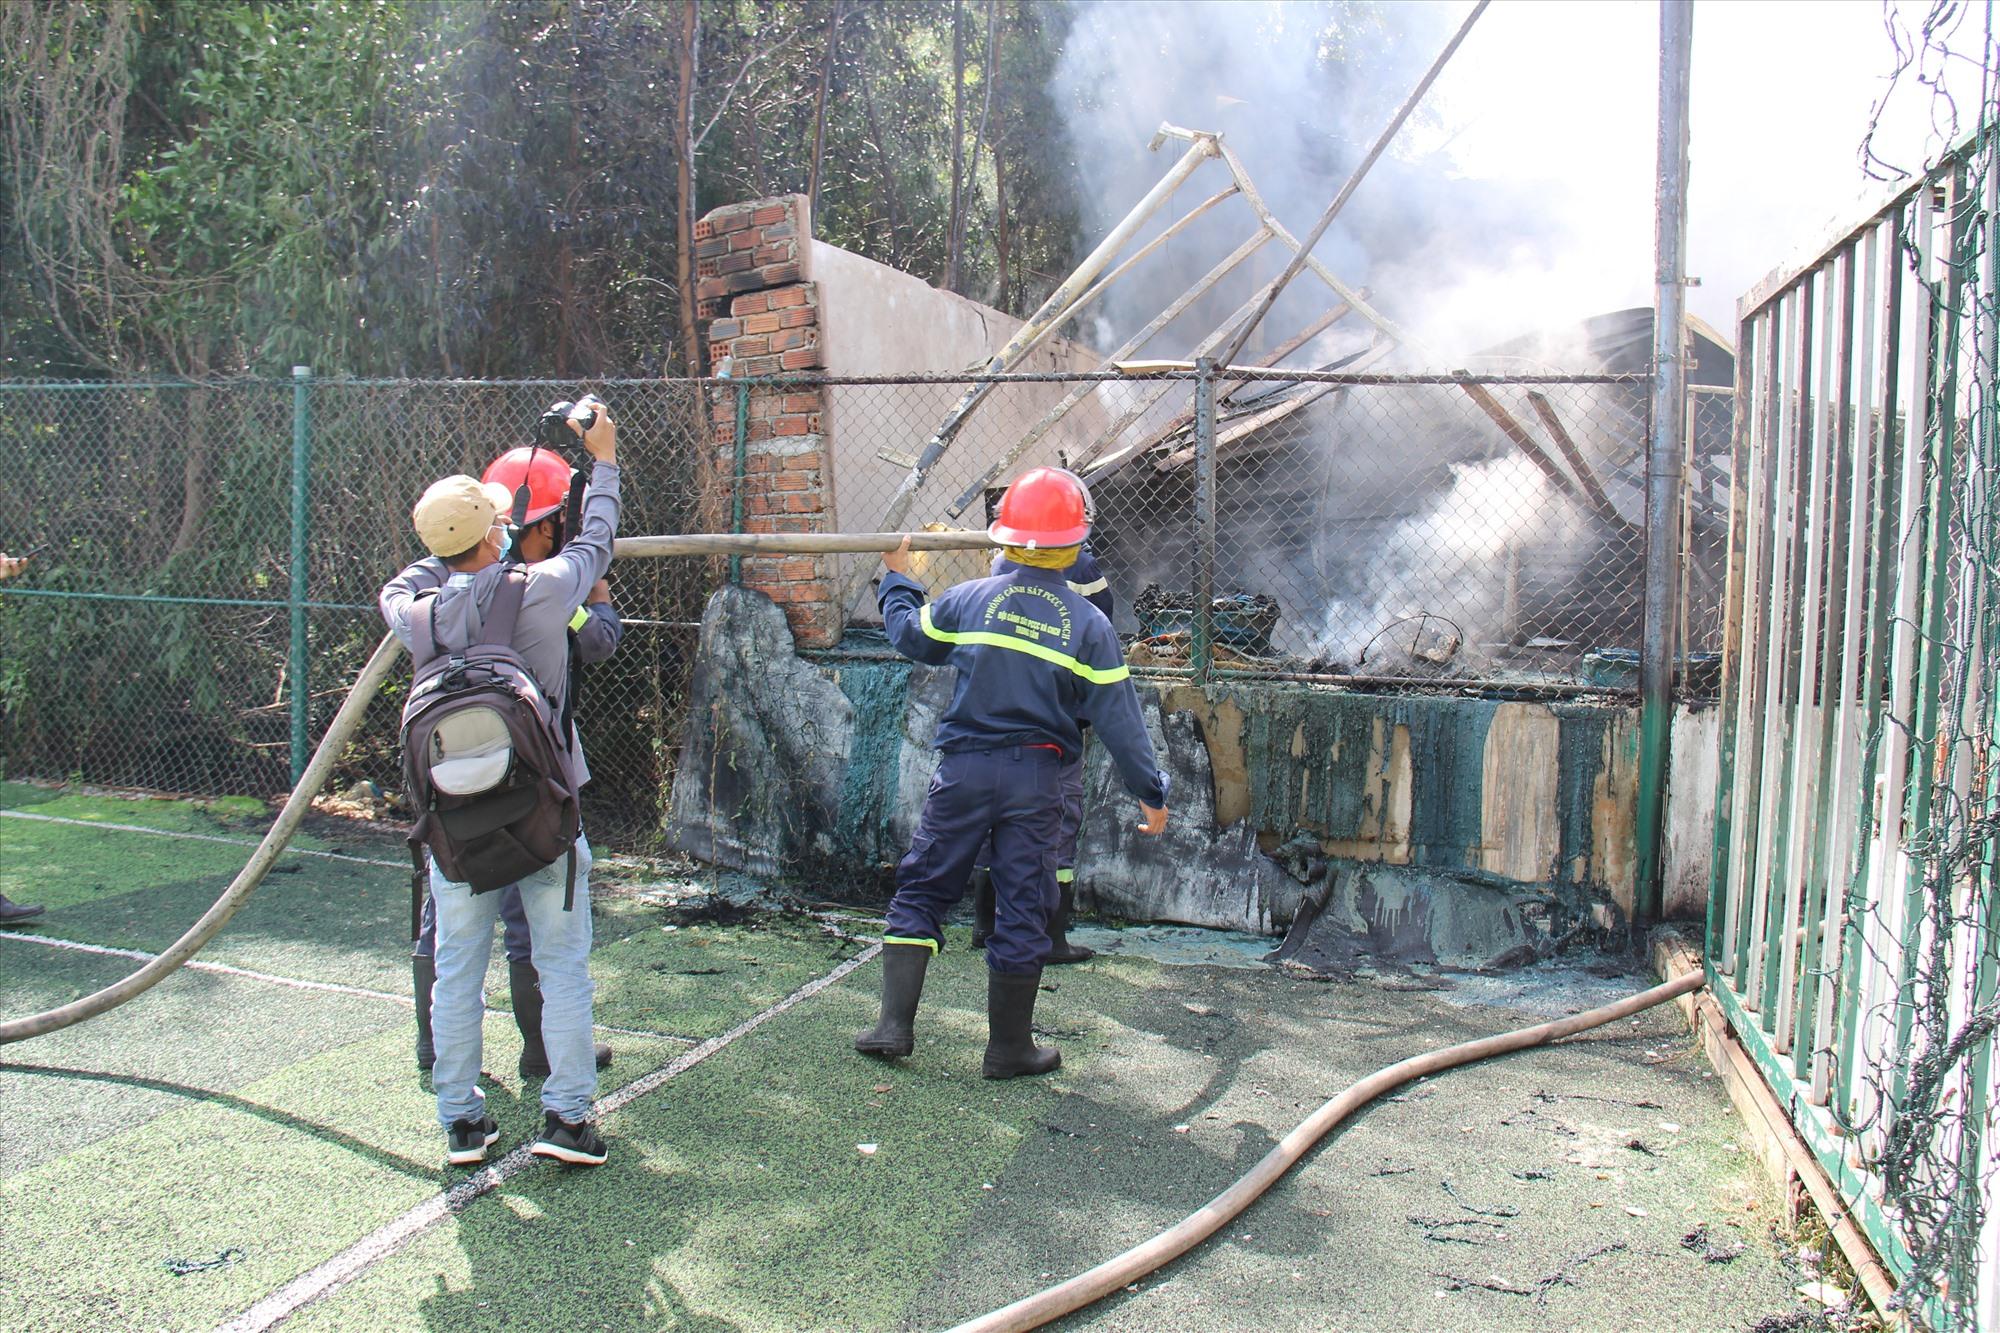 Cán bộ chiến sỹ tiến hành chữa cháy dập tắt ngọn lửa. Ảnh: HOÀI AN